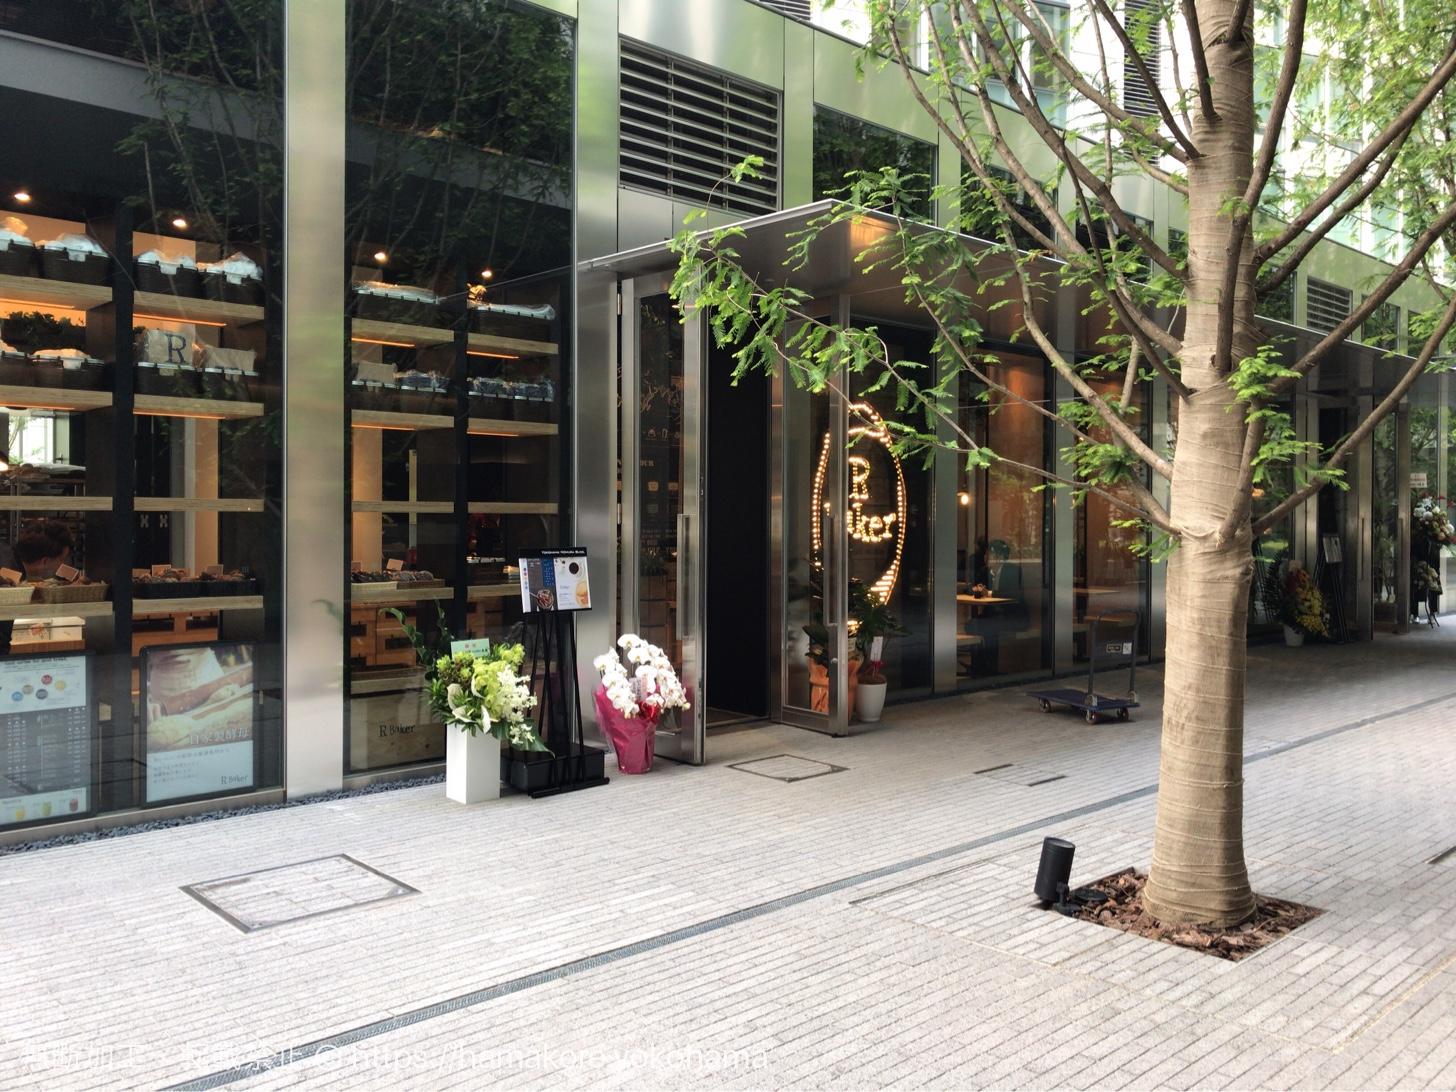 アールベイカー みなとみらい店はイートイン完備のウッド調が素敵なパン屋さん!横浜野村ビル